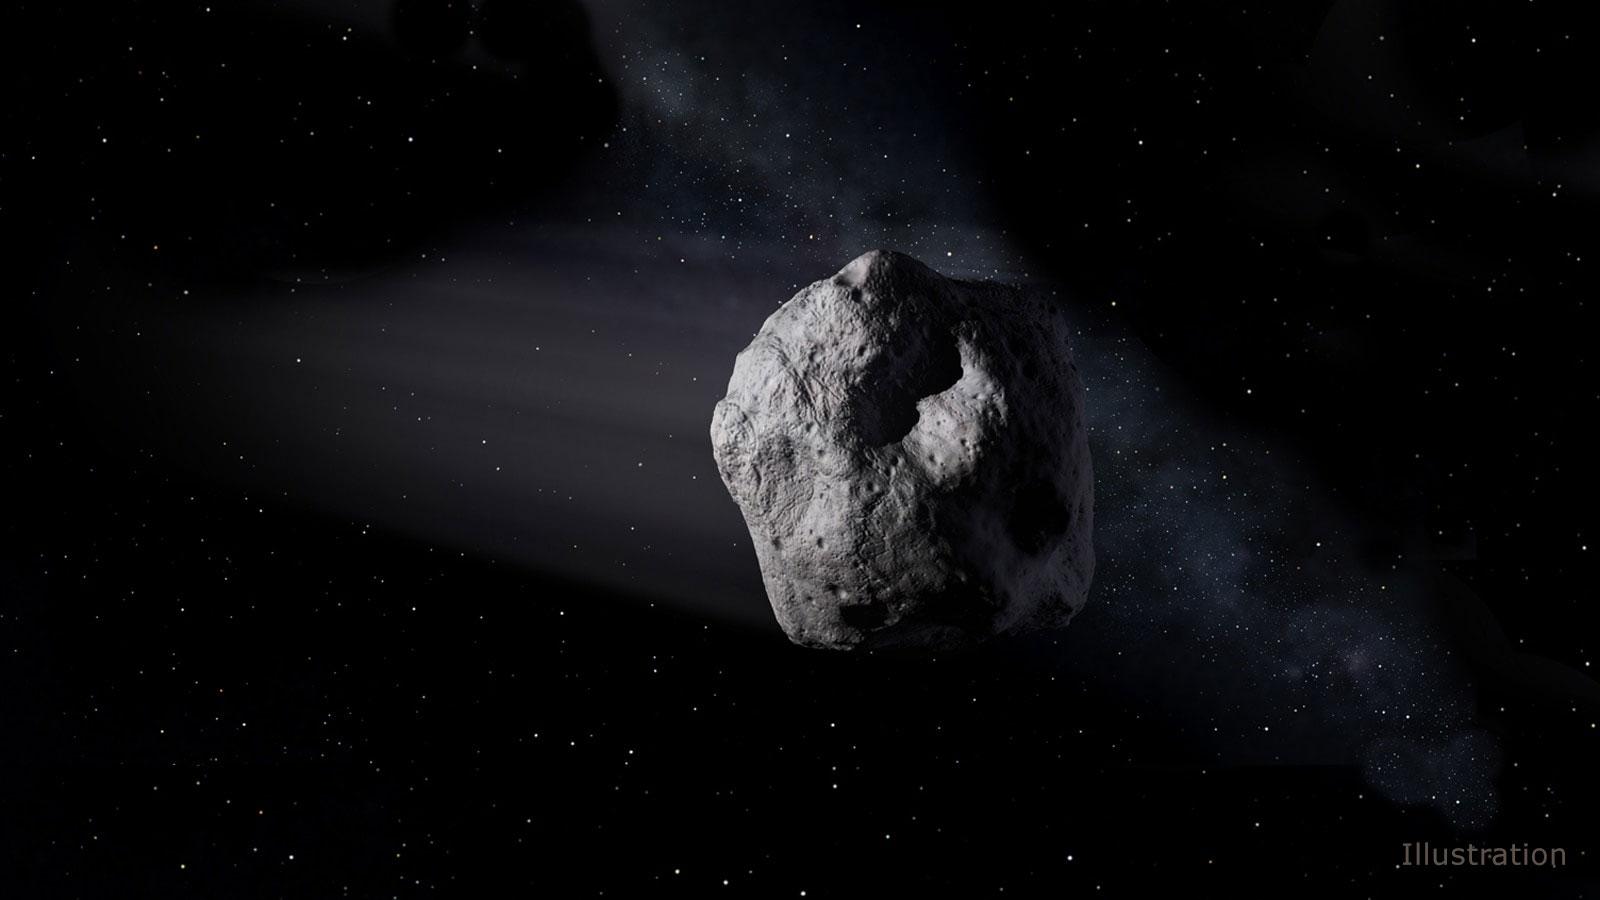 一顆直徑2米、編號為「2018 LA」的小行星6月2日墜落地球,並在非洲上空解體。(NASA/JPL-Caltech)